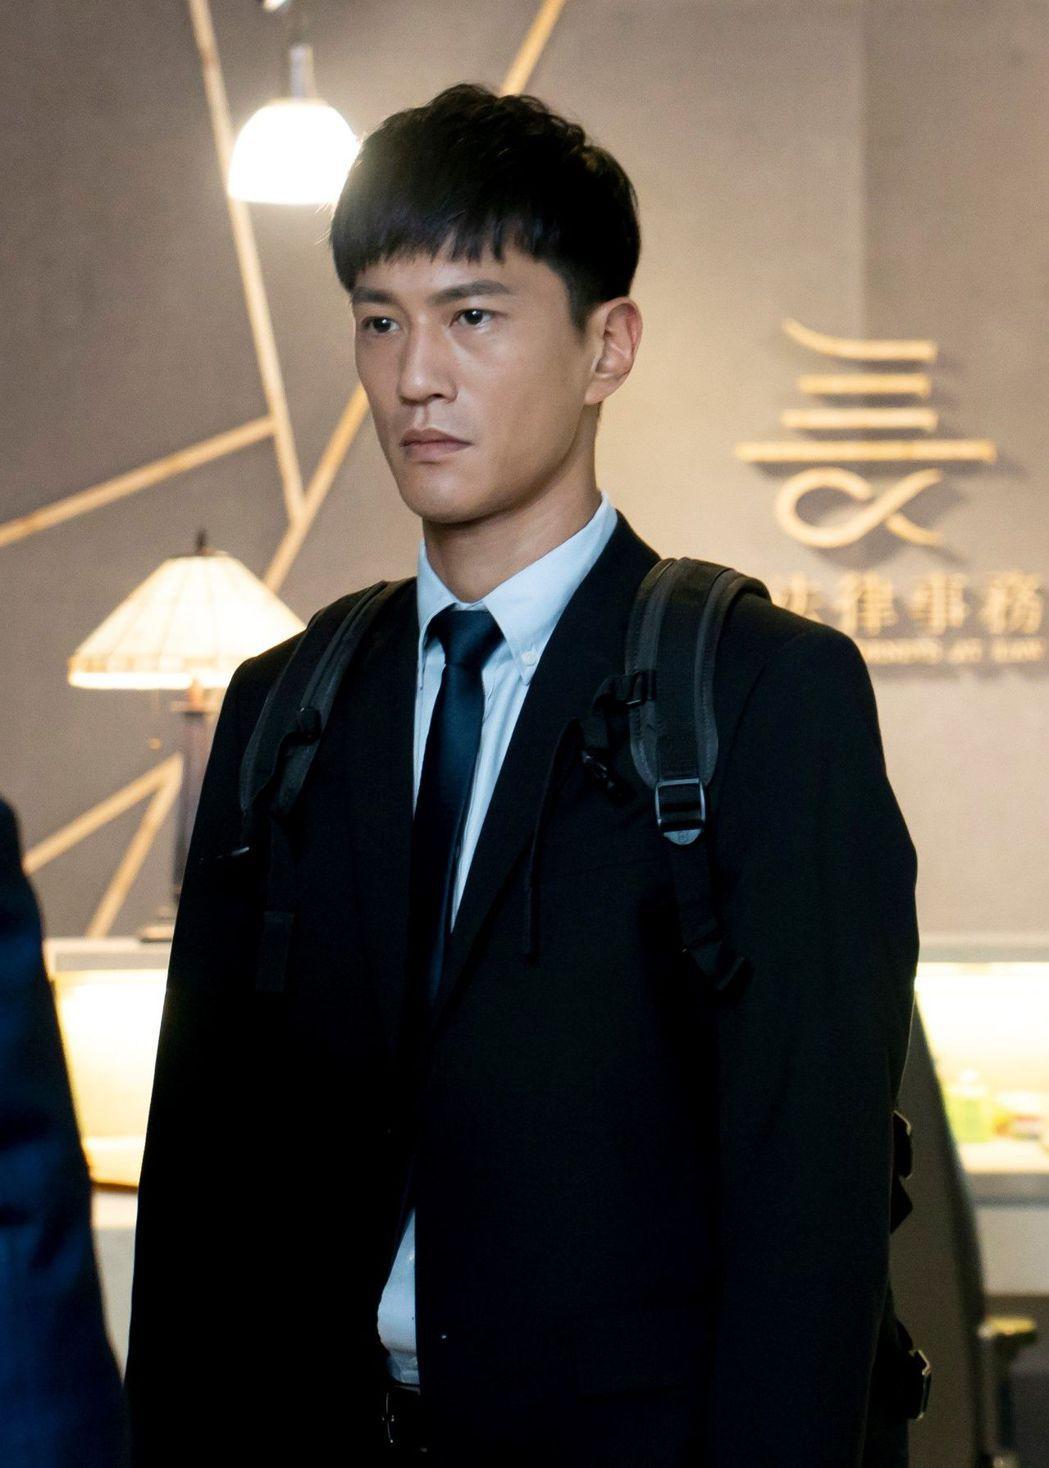 鍾承翰飾演實習律師。圖/中天提供